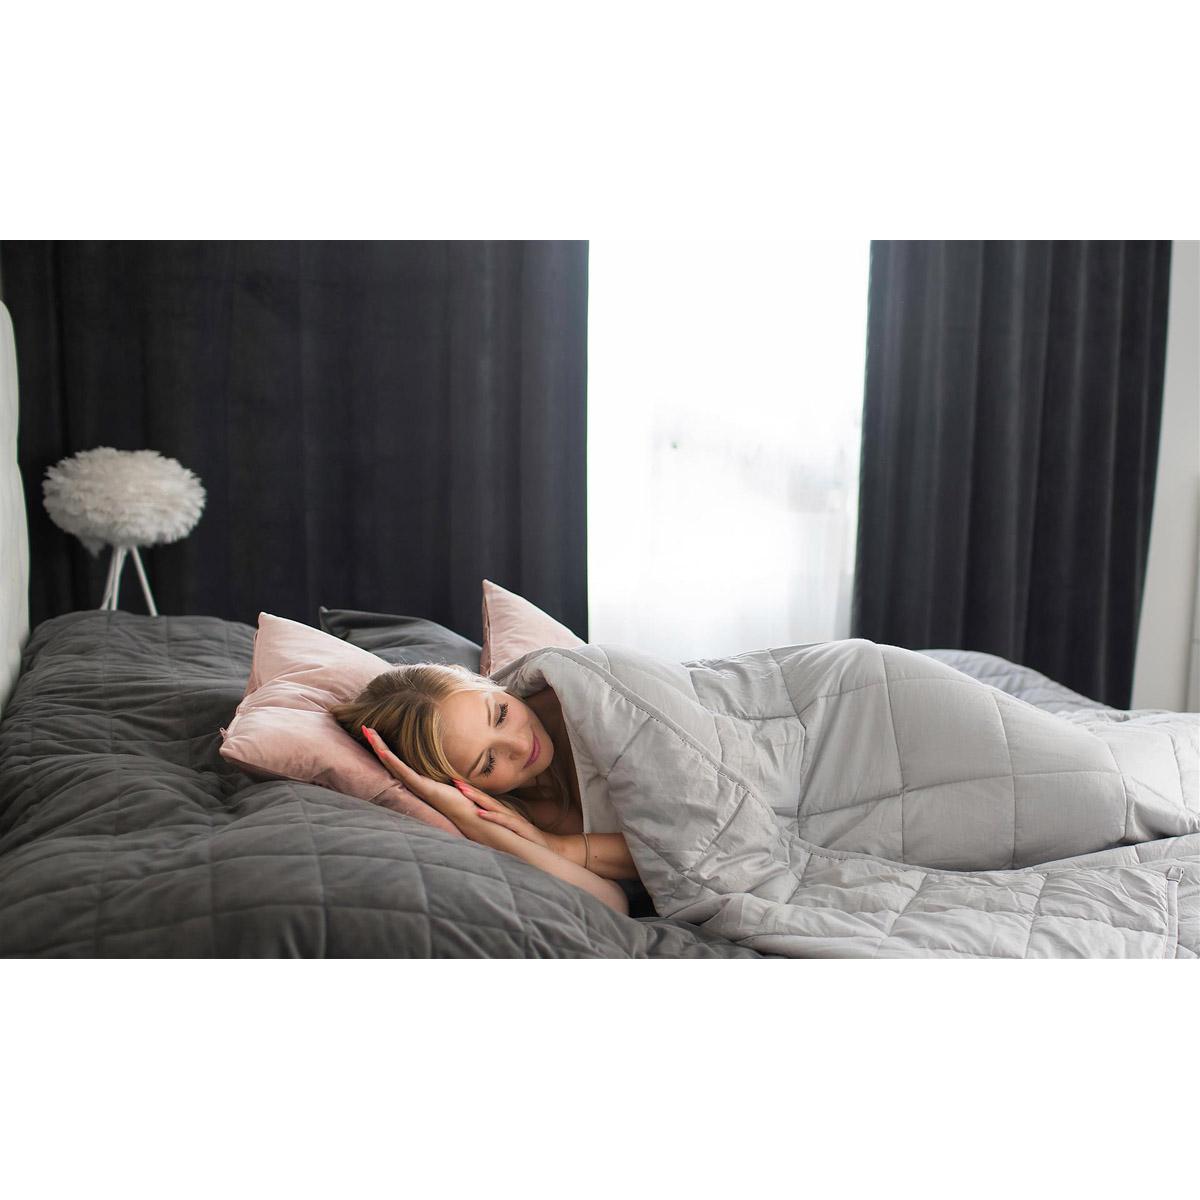 Cura pearl tyngdtäcke för bättre sömn